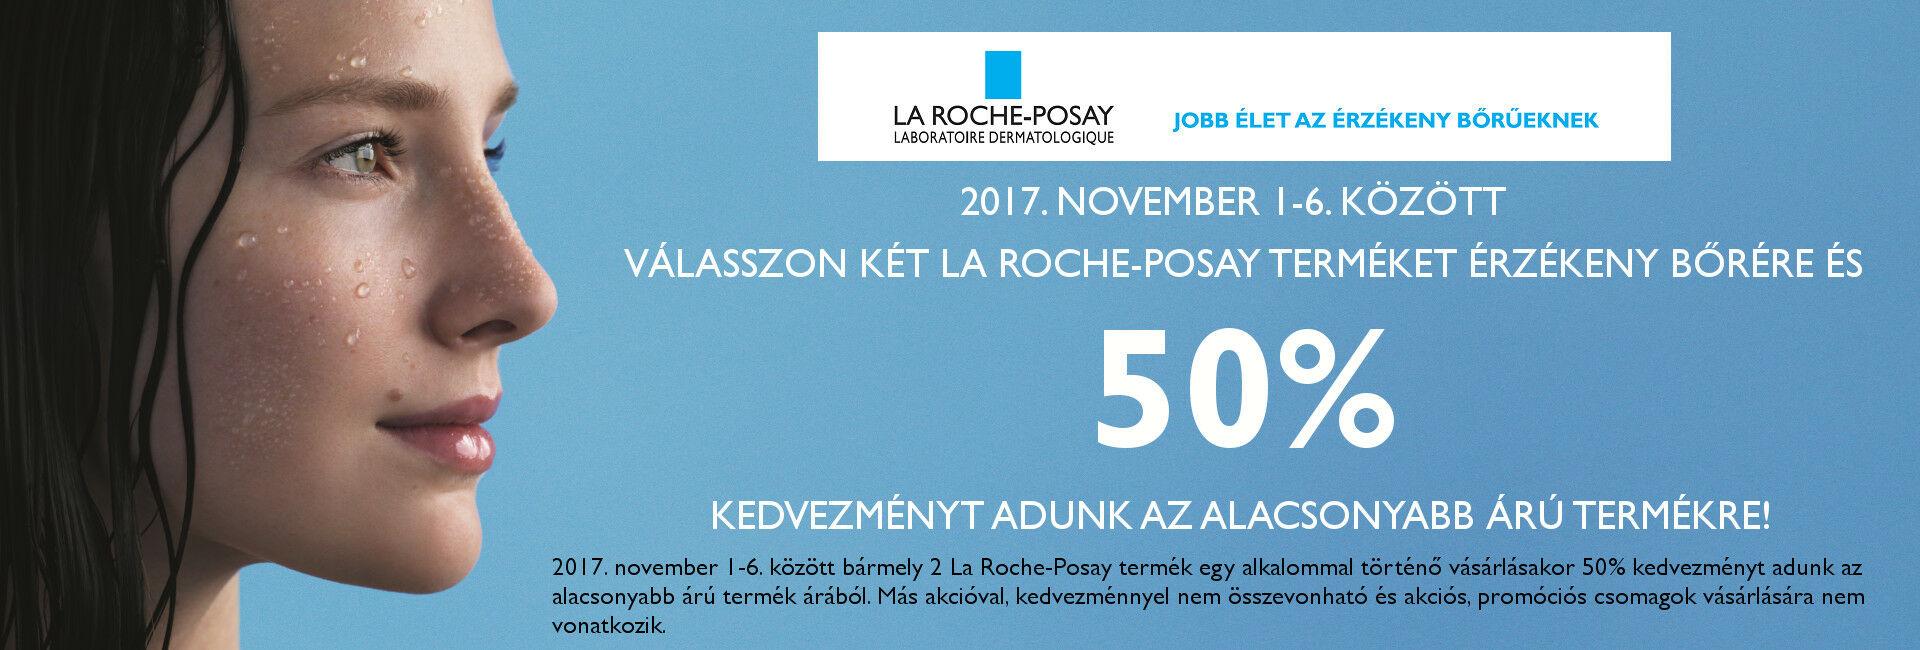 Válasszon egyszerre 2db La Roche-Posay terméket, és az alacsonyabb árút ma féláron adjuk!